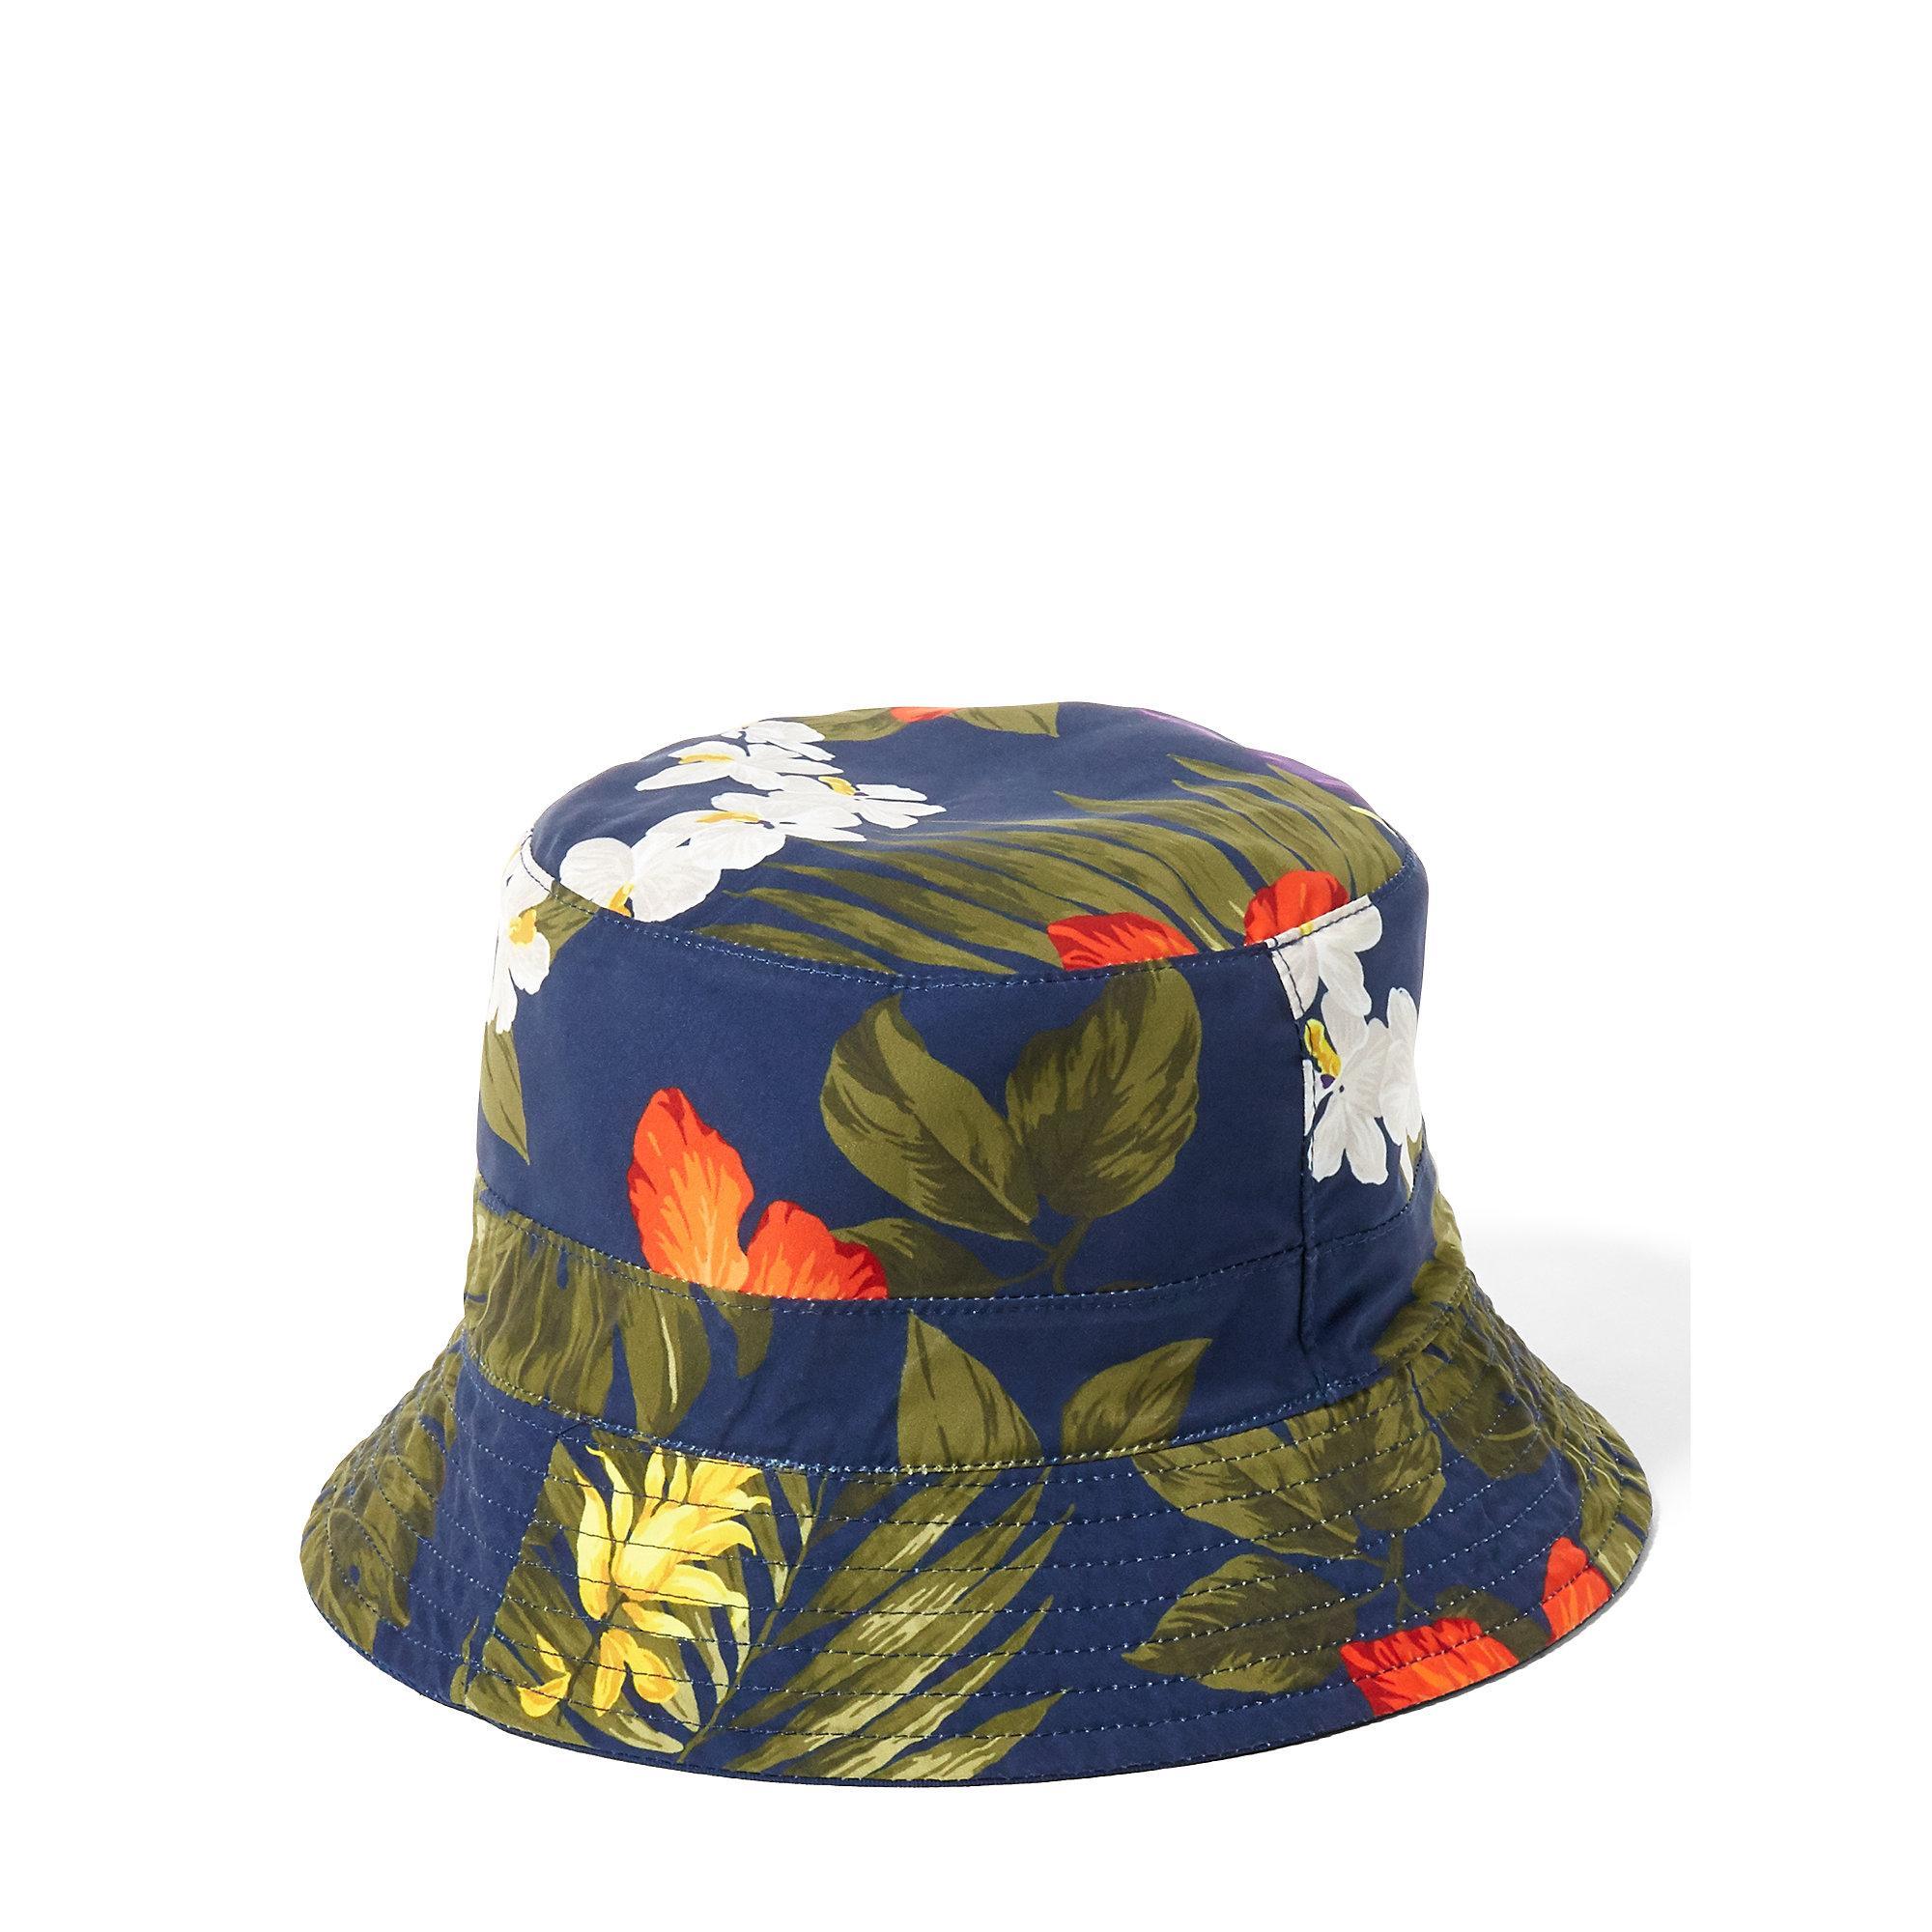 Lyst - Polo Ralph Lauren Reversible Twill Bucket Hat in Blue for Men d3b57948659